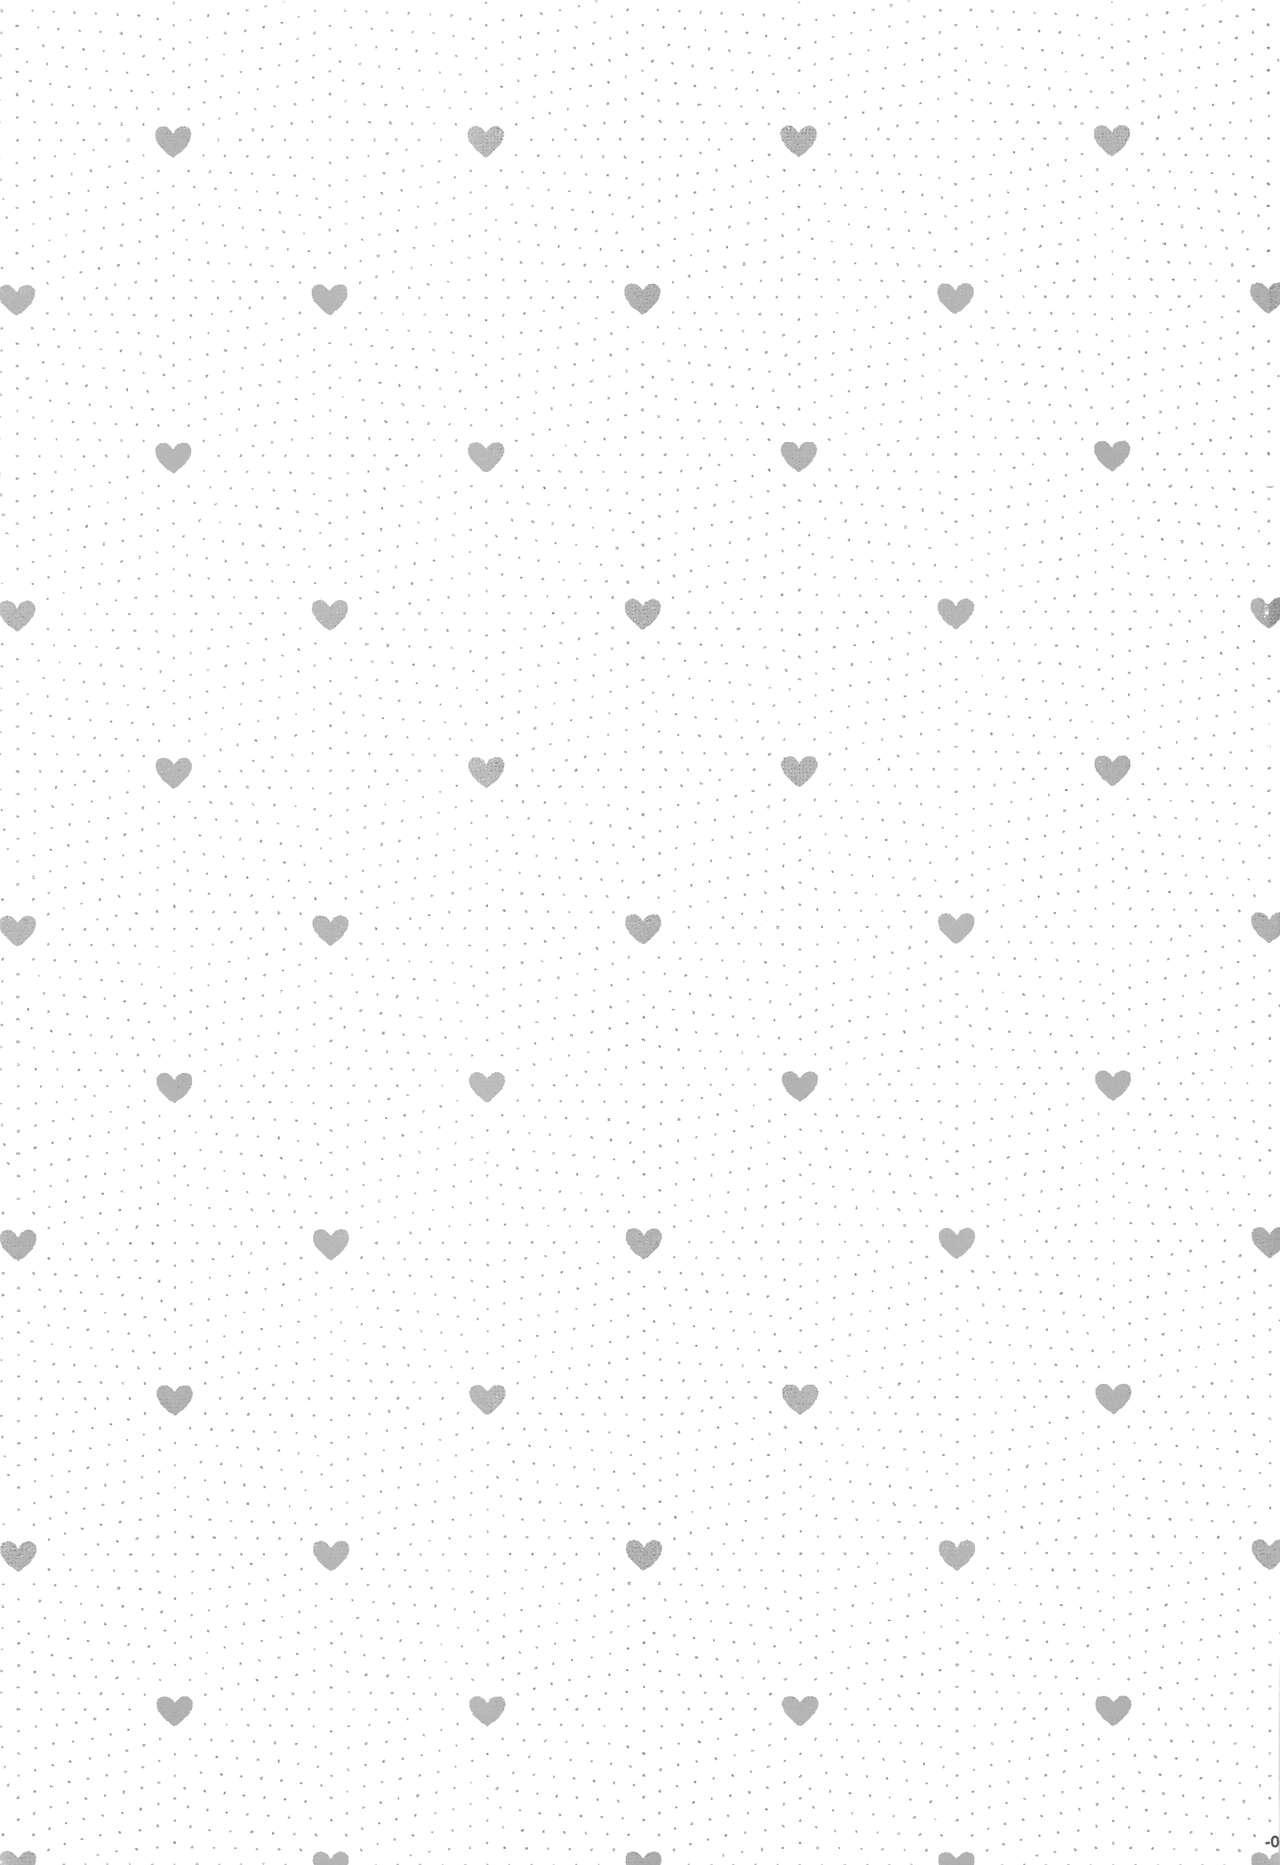 Suki tte Omottara, Ippai Heart ga Dechau. 1